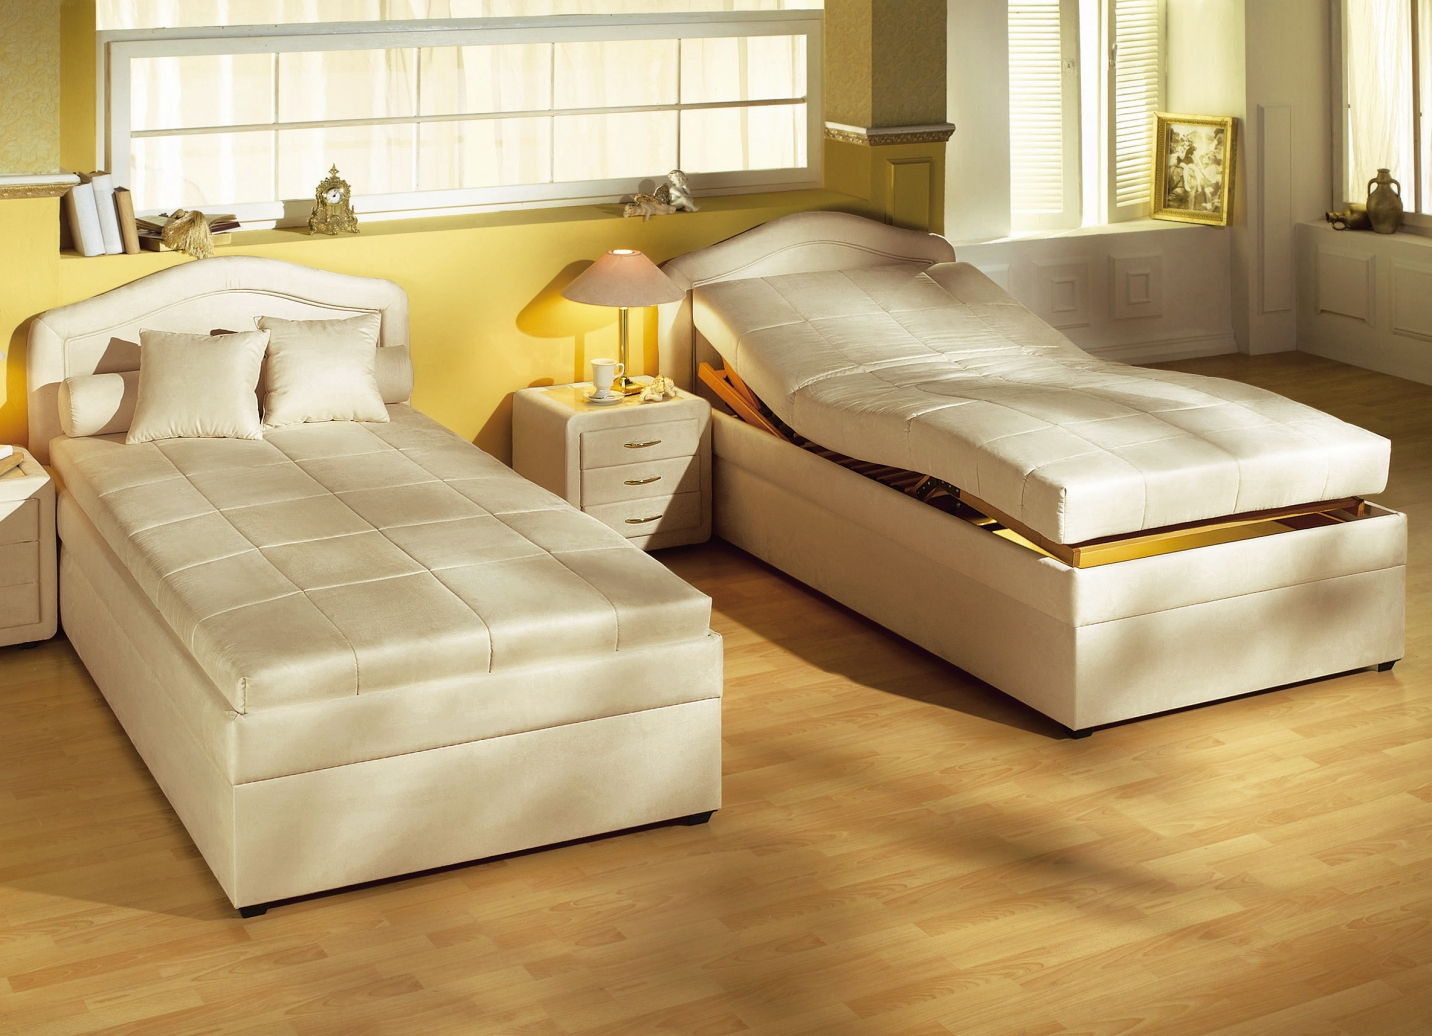 komfortbett in verschiedenen komfortablen ausf hrungen. Black Bedroom Furniture Sets. Home Design Ideas